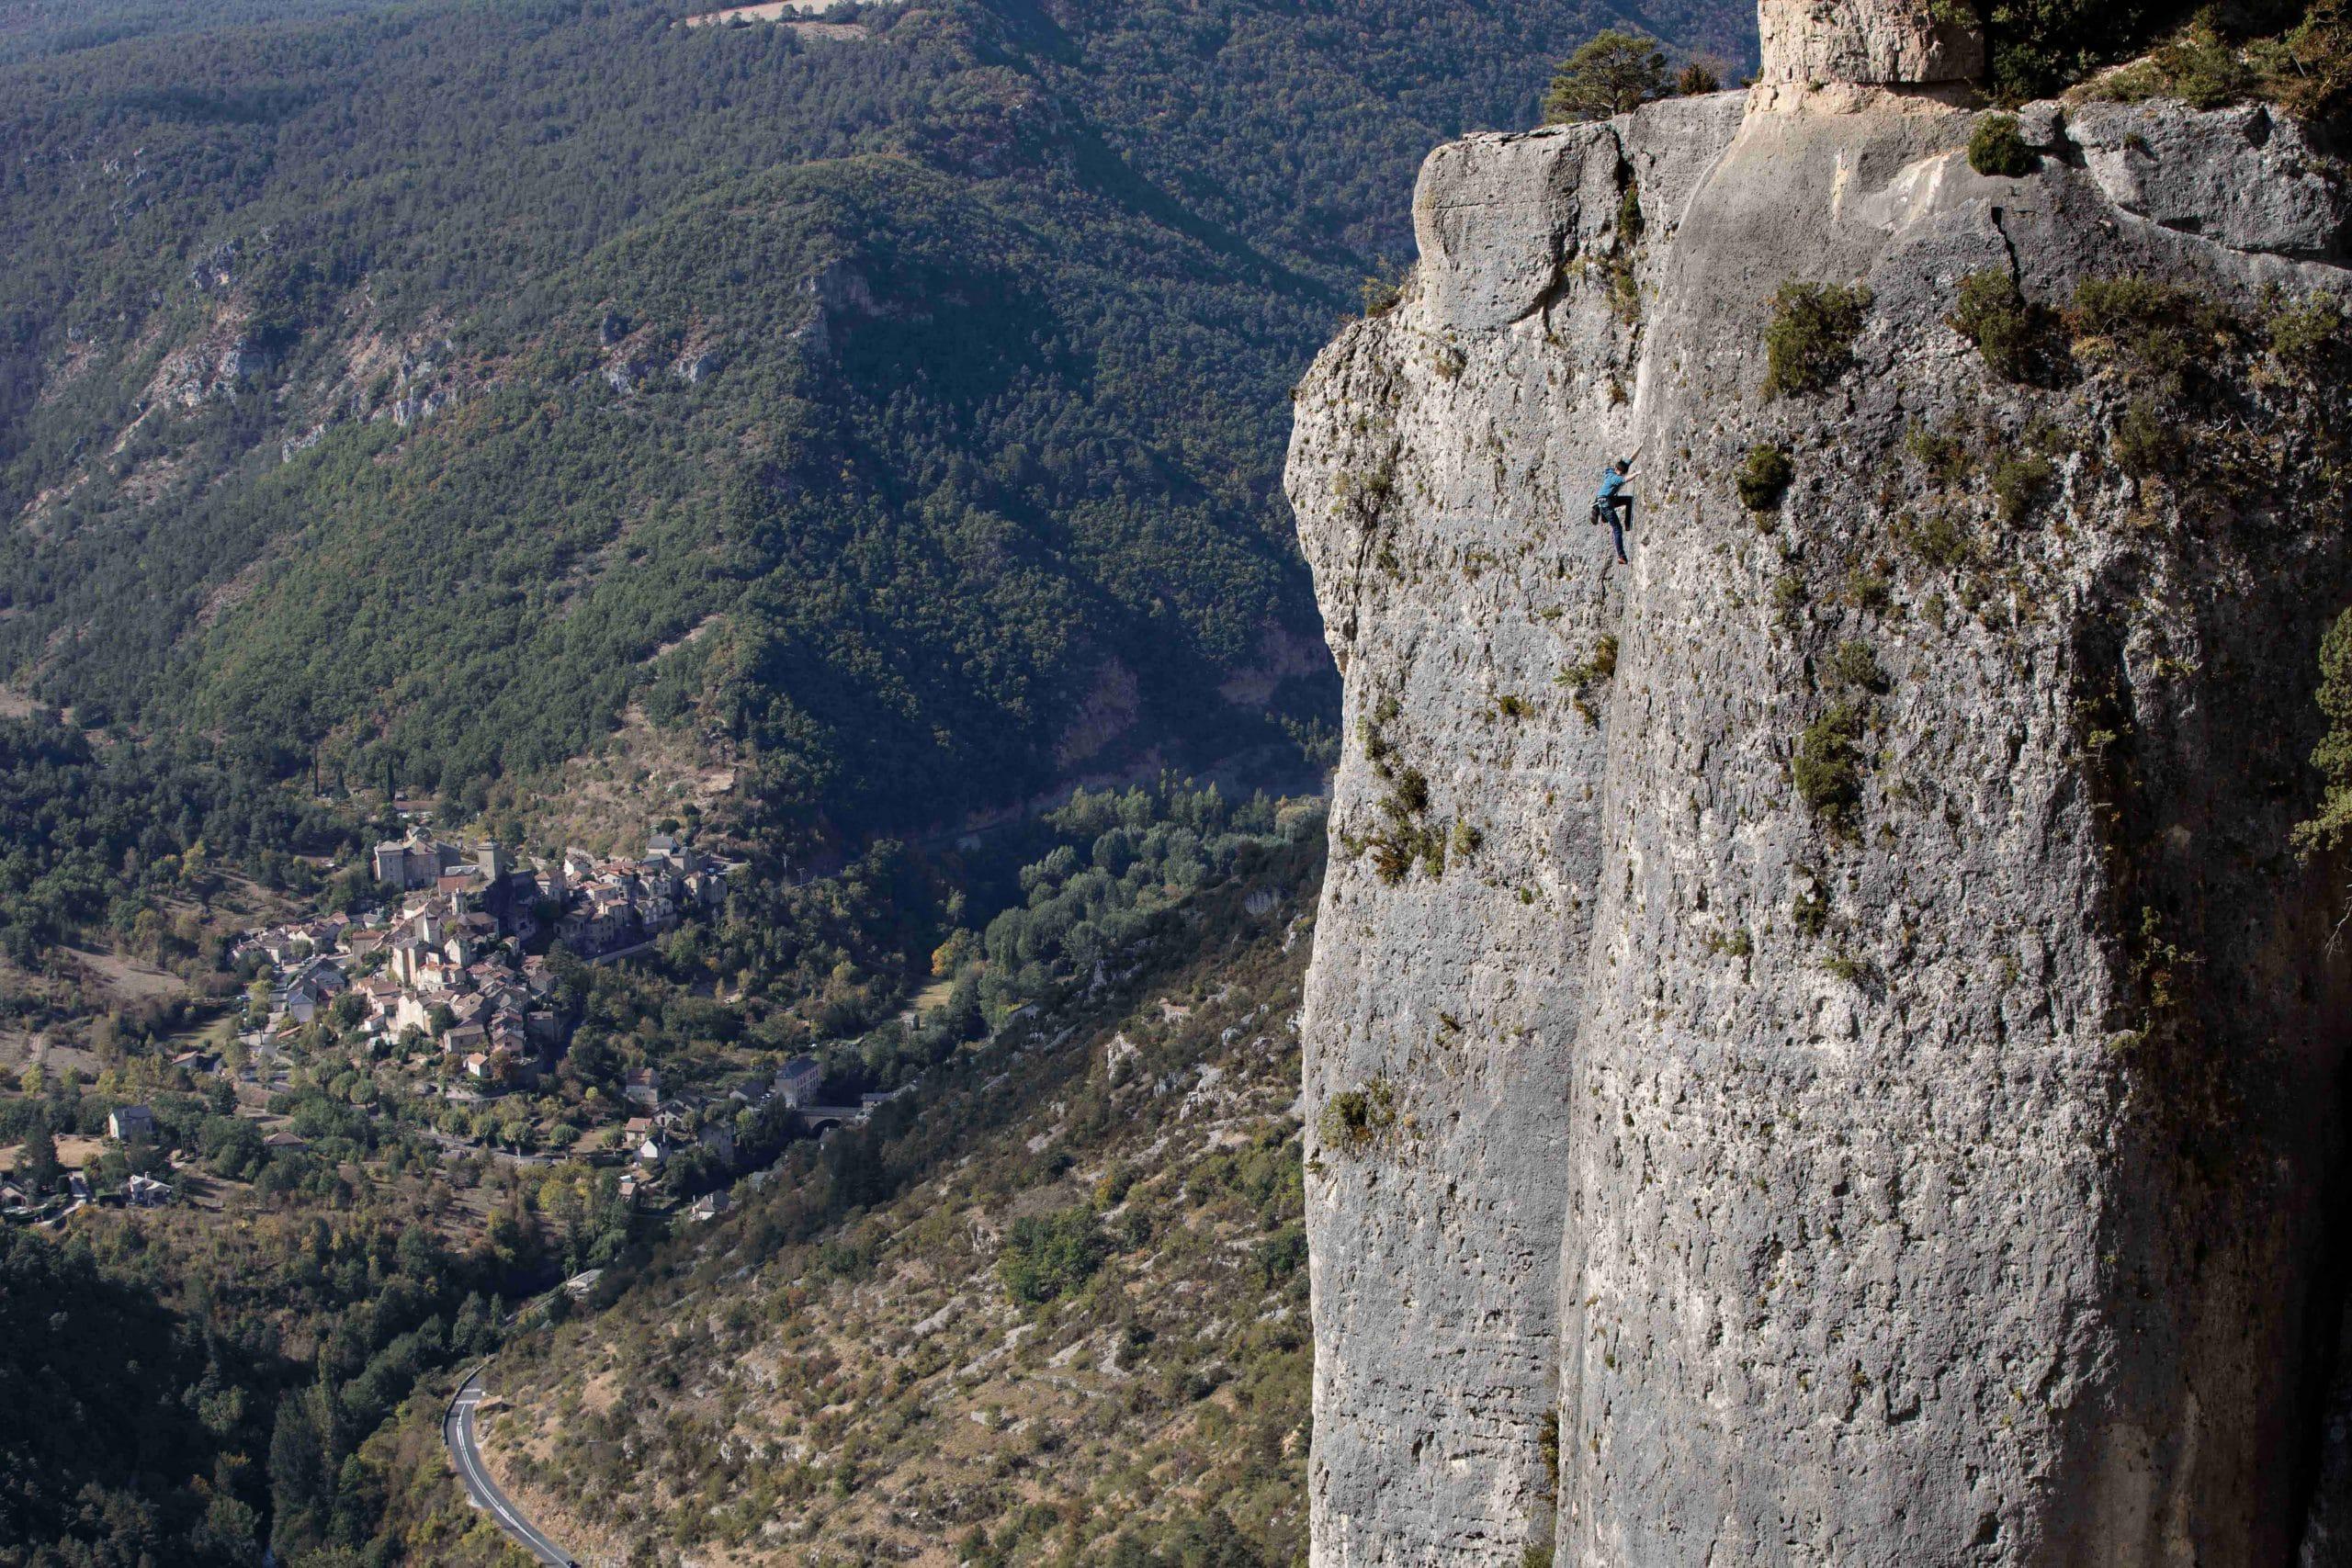 Stage yoga et escalade dans les Cévennes aveyron lozere gorges du tarn gorges de la jonte gorges de la dourbi occitanie midi pyrénées